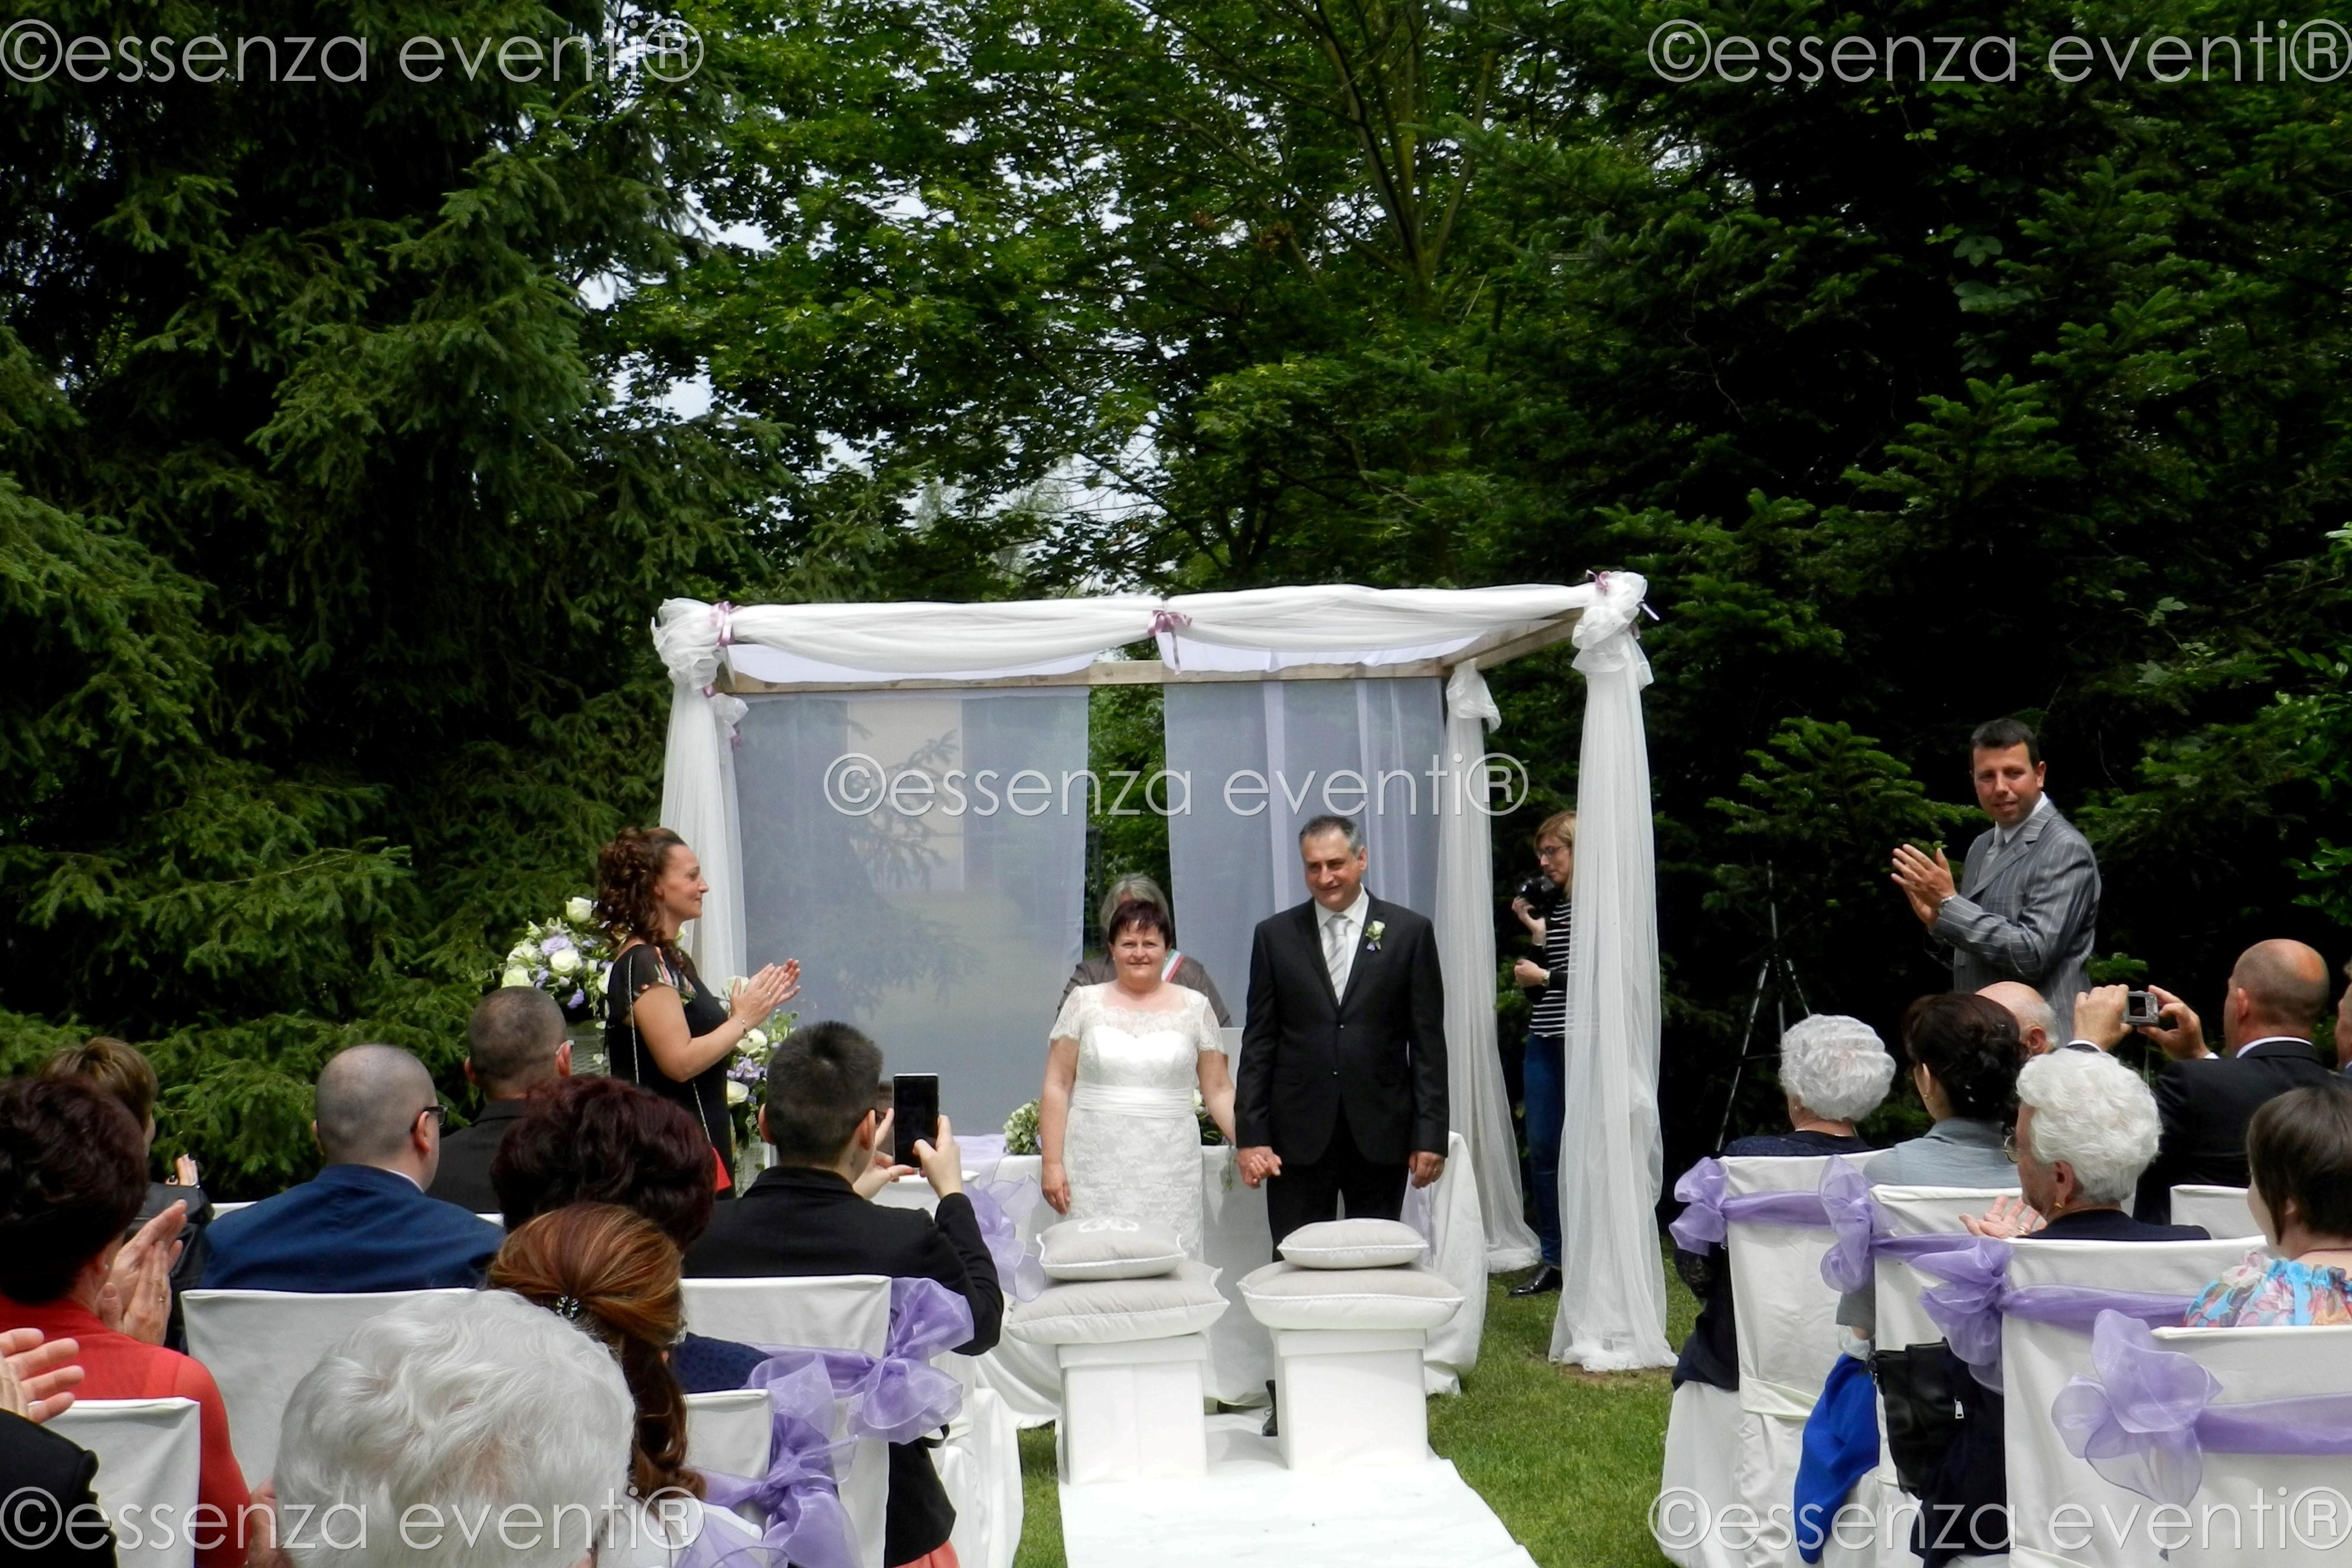 Matrimonio Simbolico Idee : Celebrante matrimonio simbolico essenza eventi